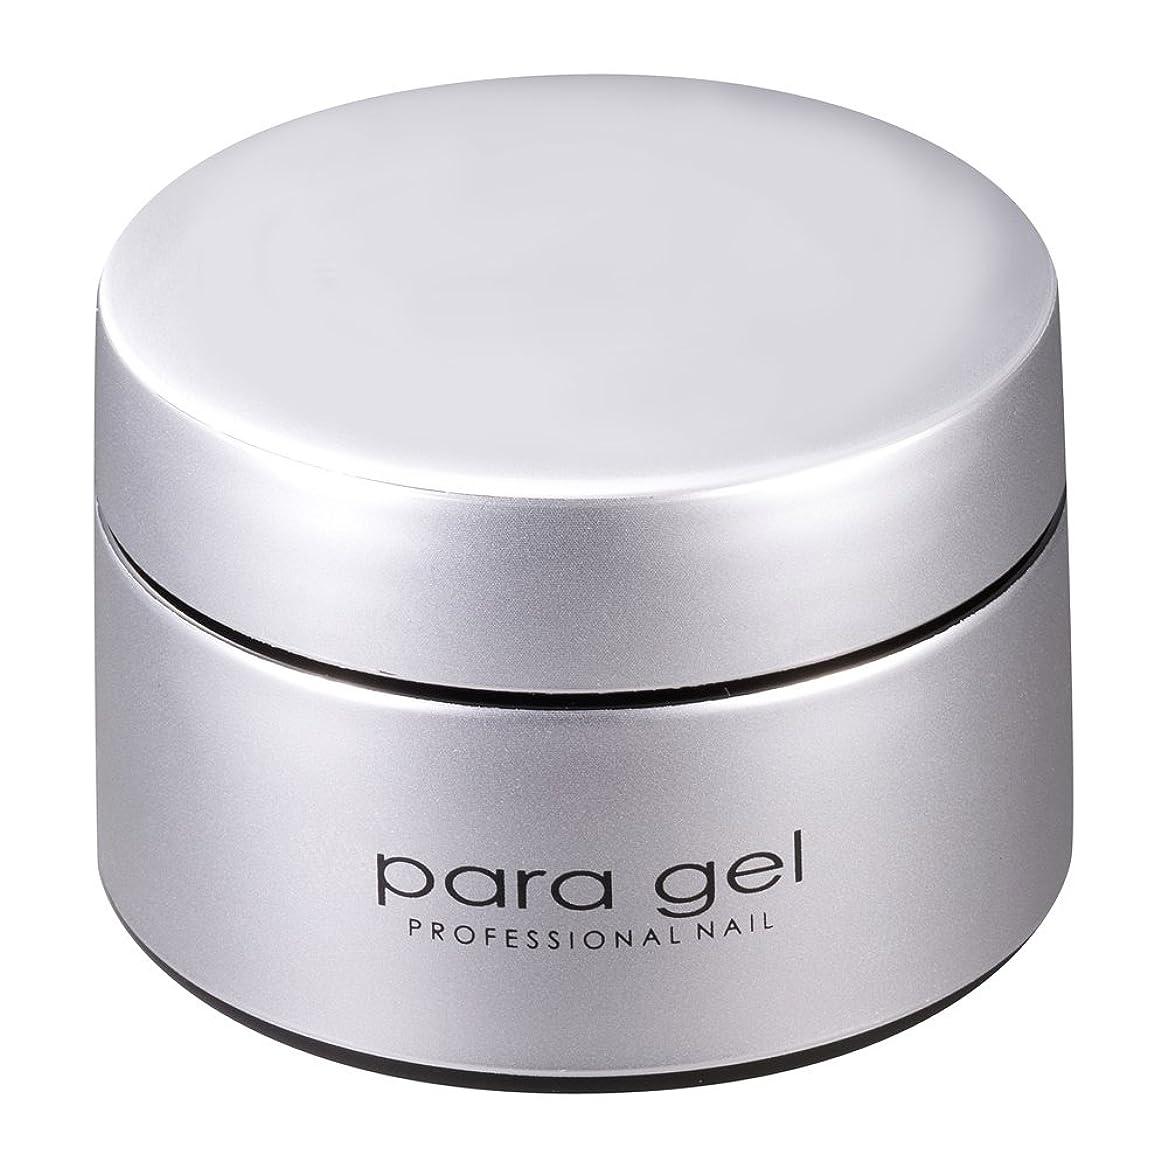 連続した情熱的破滅的なpara gel カラージェル AR21 グリーンターコイズ 4g